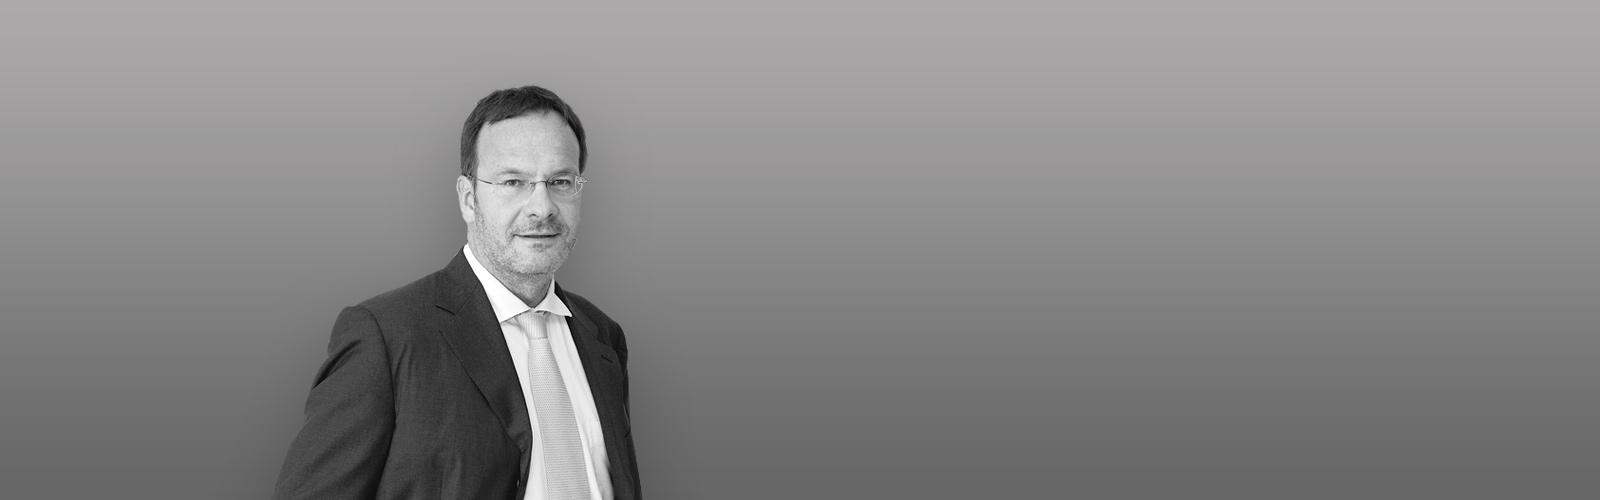 Rechtsanwalt Peter Hubel